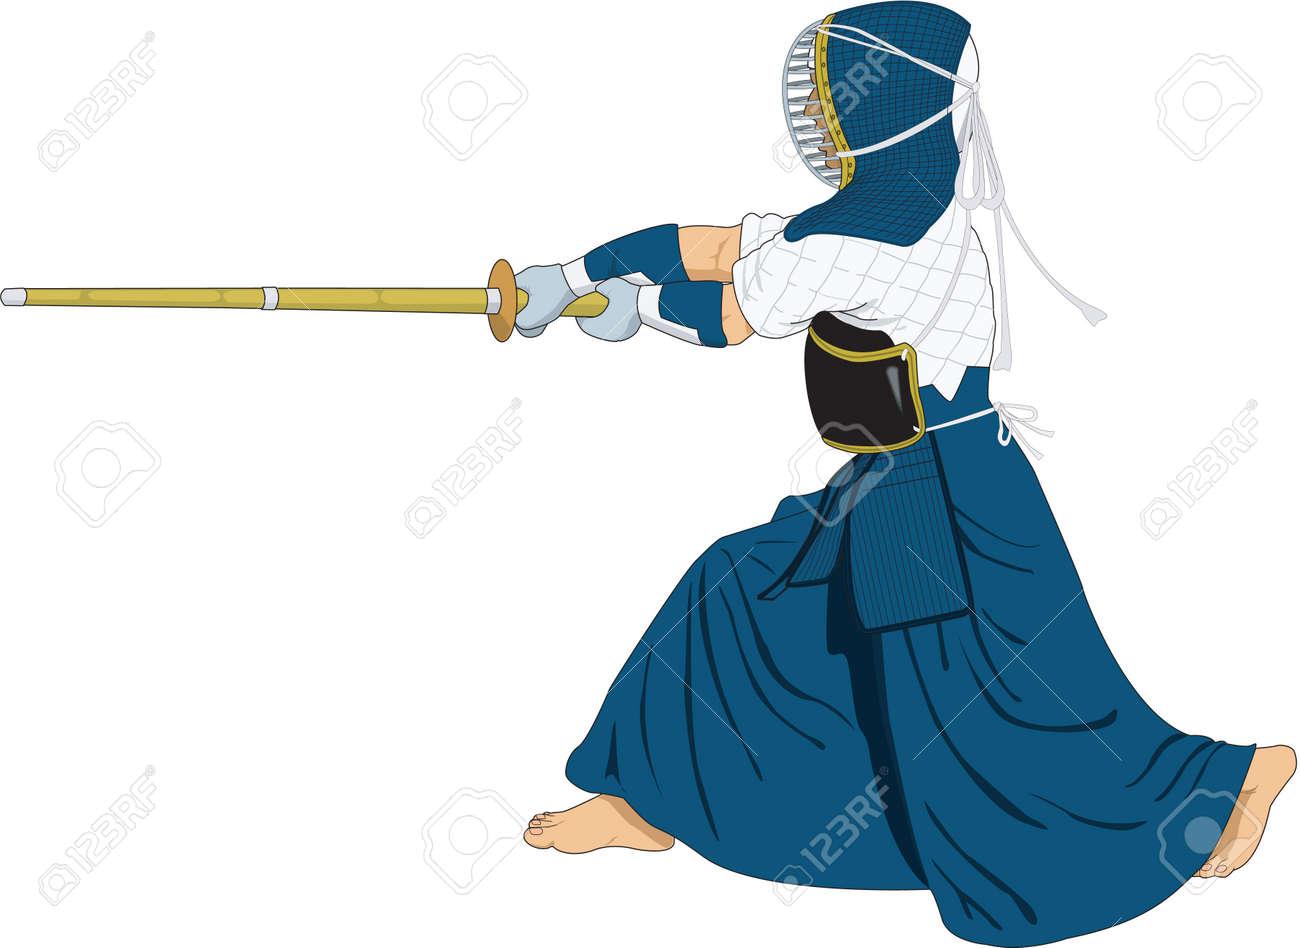 剣道イラストのイラスト素材ベクタ Image 84149629